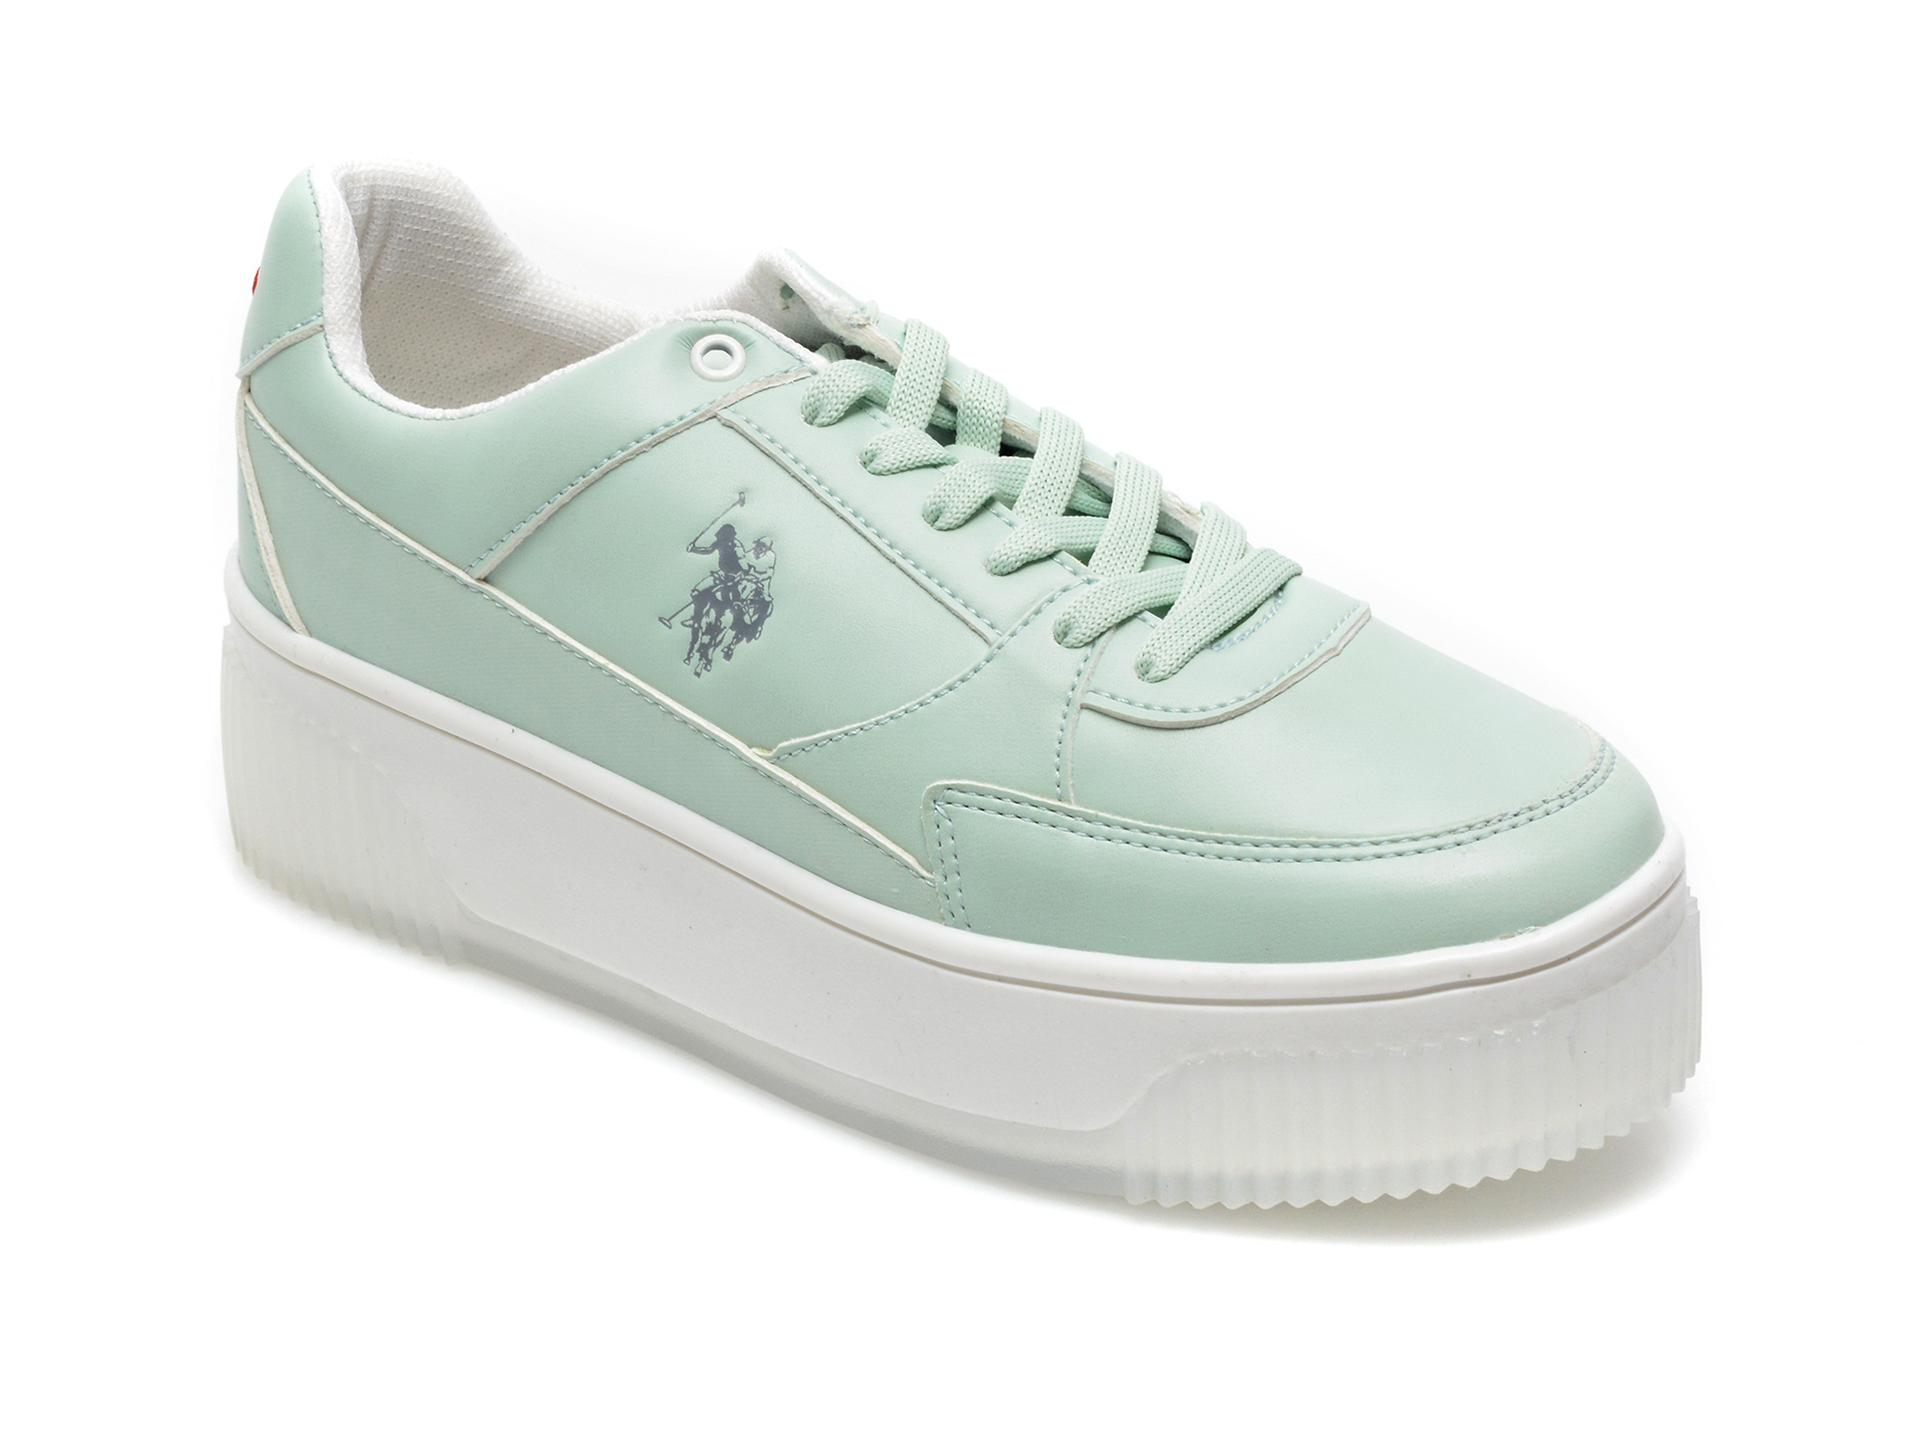 Pantofi sport US POLO ASSN verzi, MADO1FX, din piele ecologica